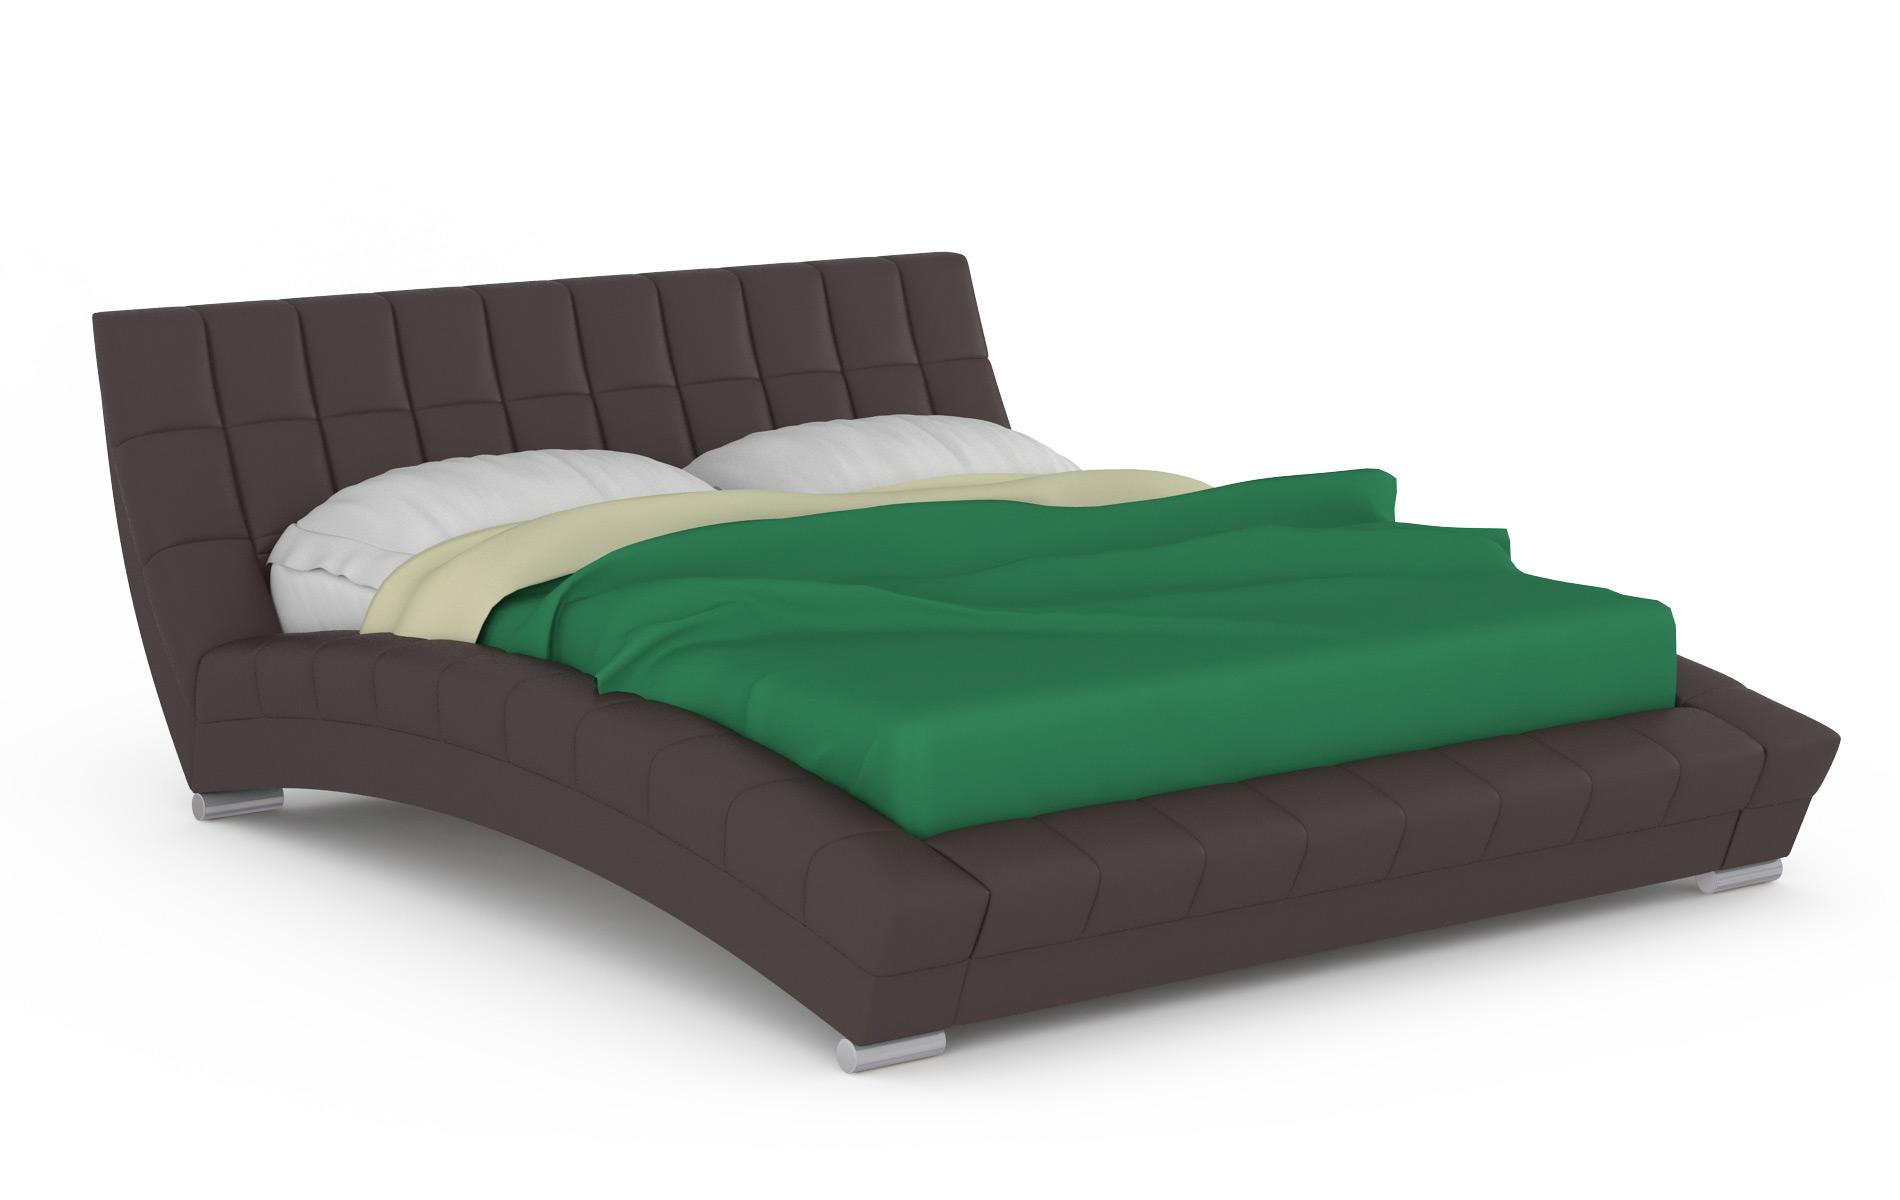 Кровать интерьерная Mobi Оливия 200х250х88 см, коричневый фото